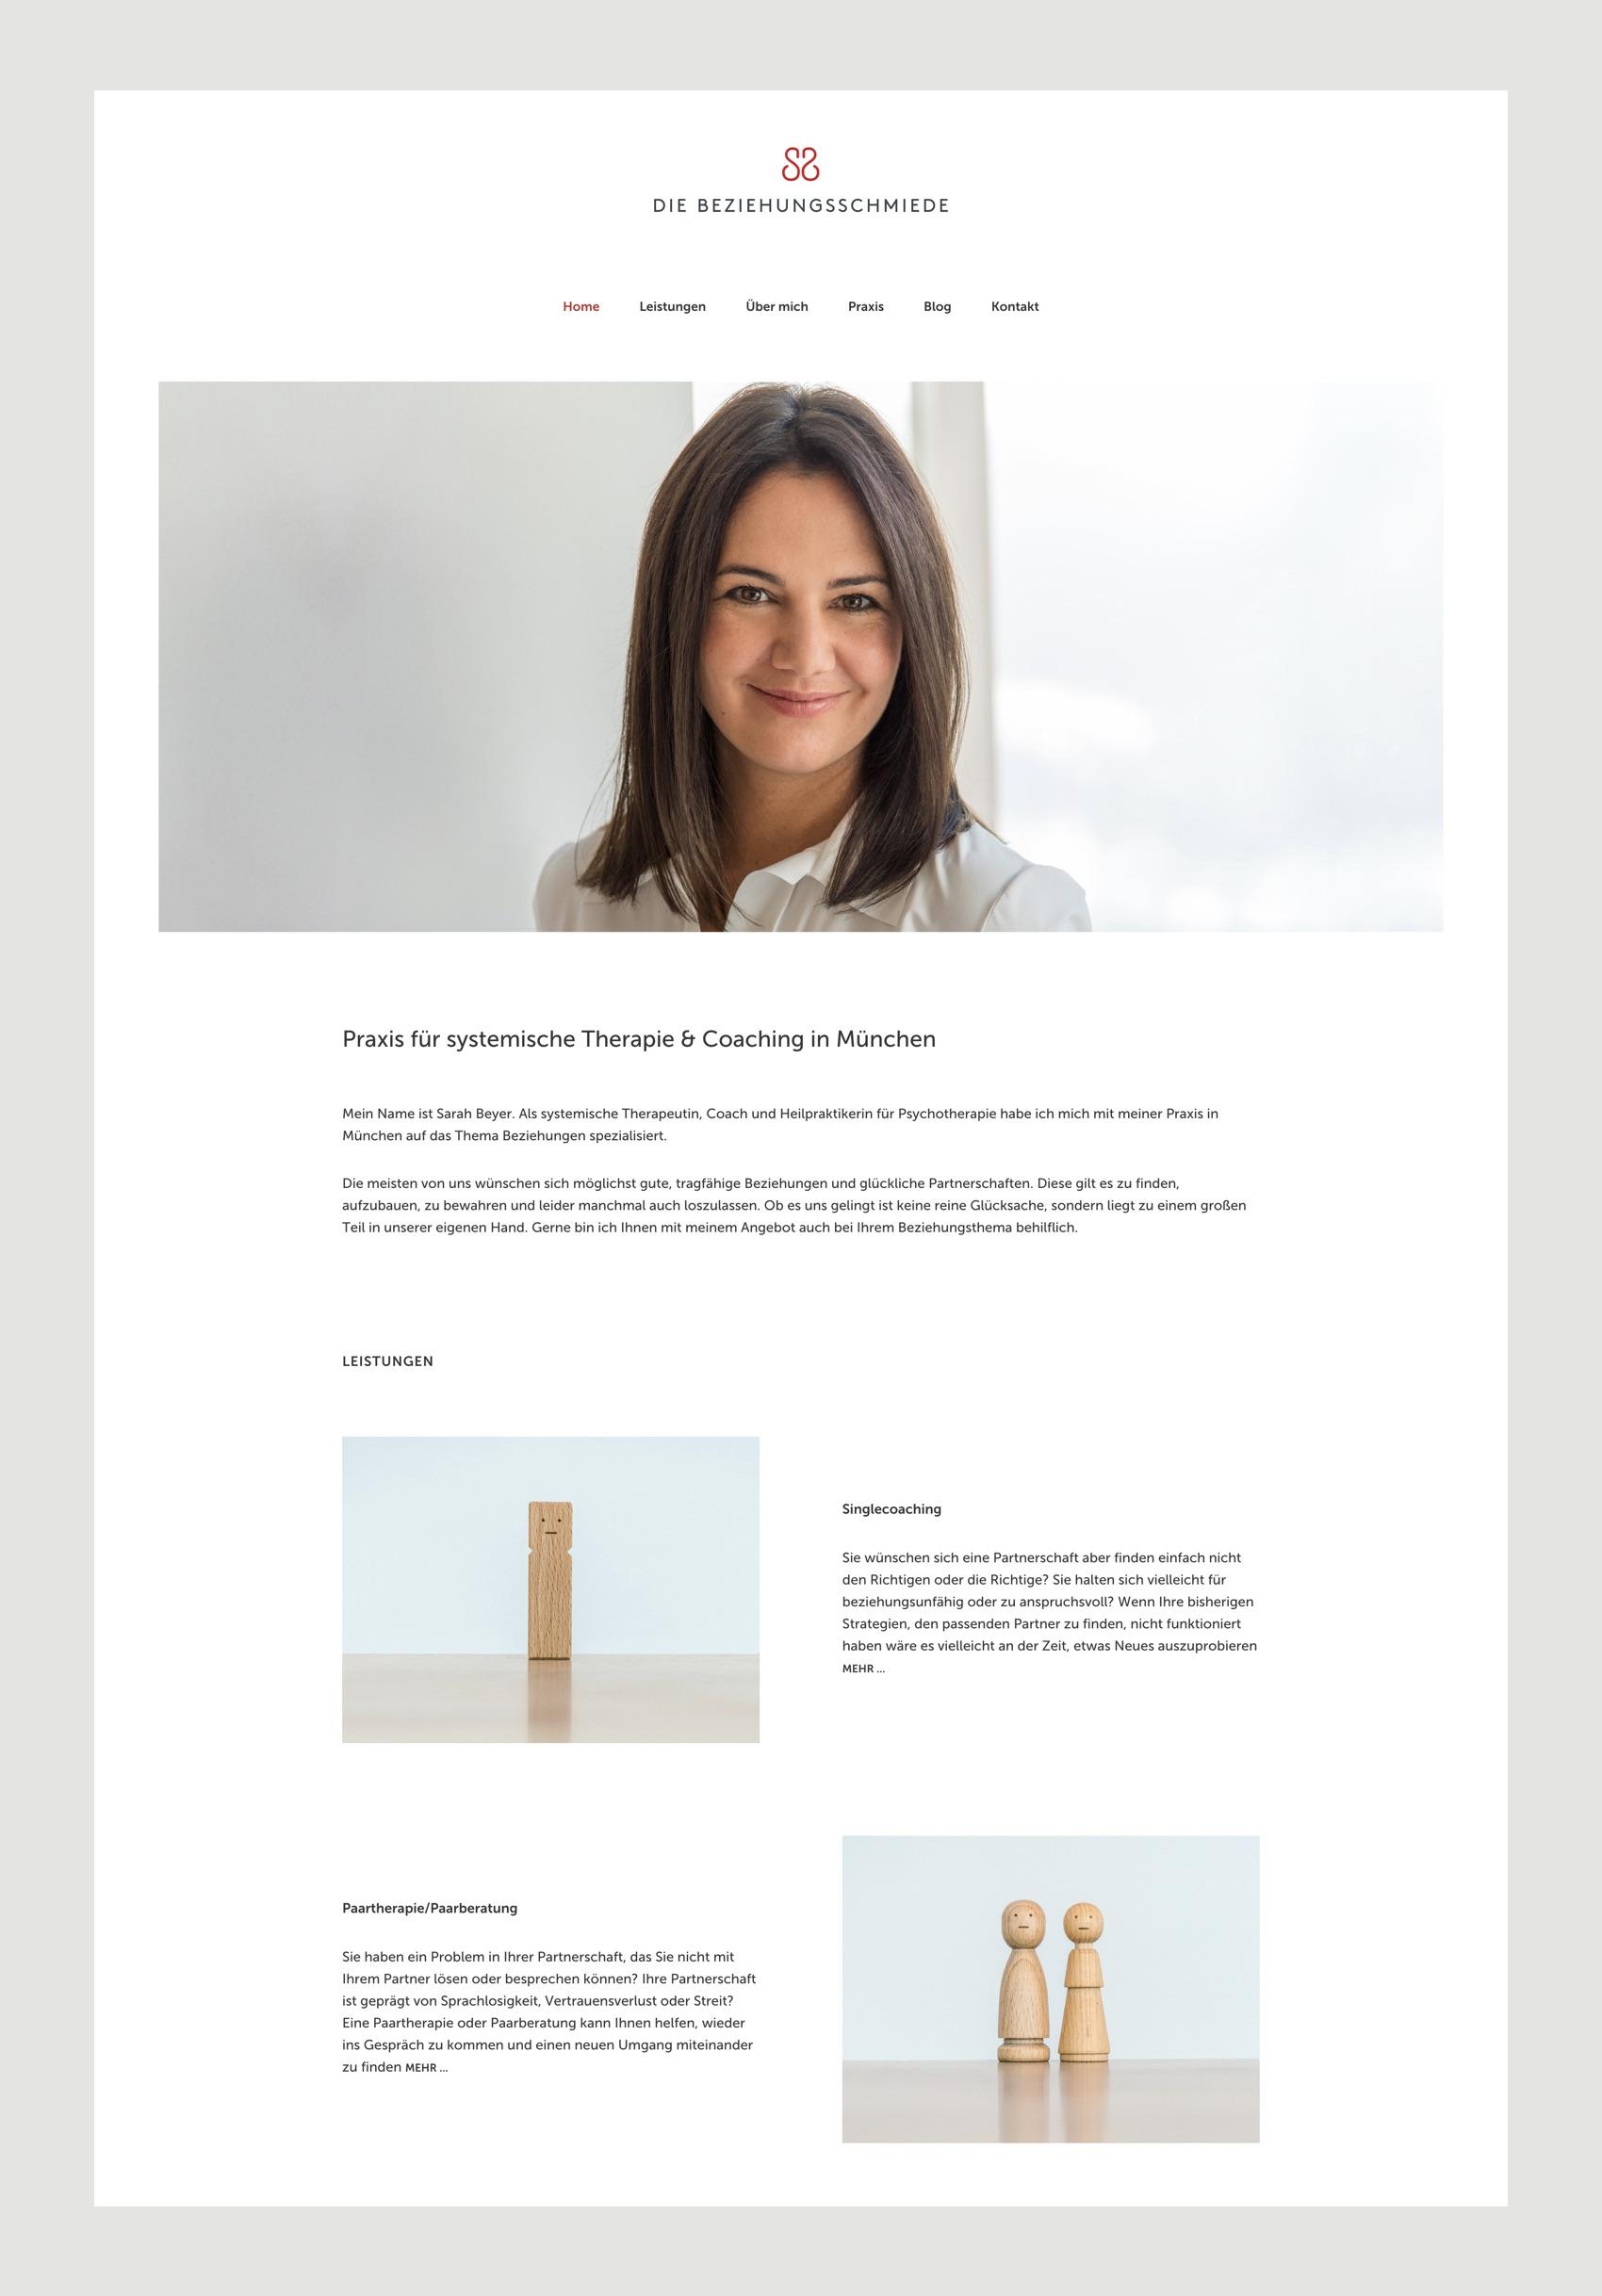 Blog-Websites für Beziehungen